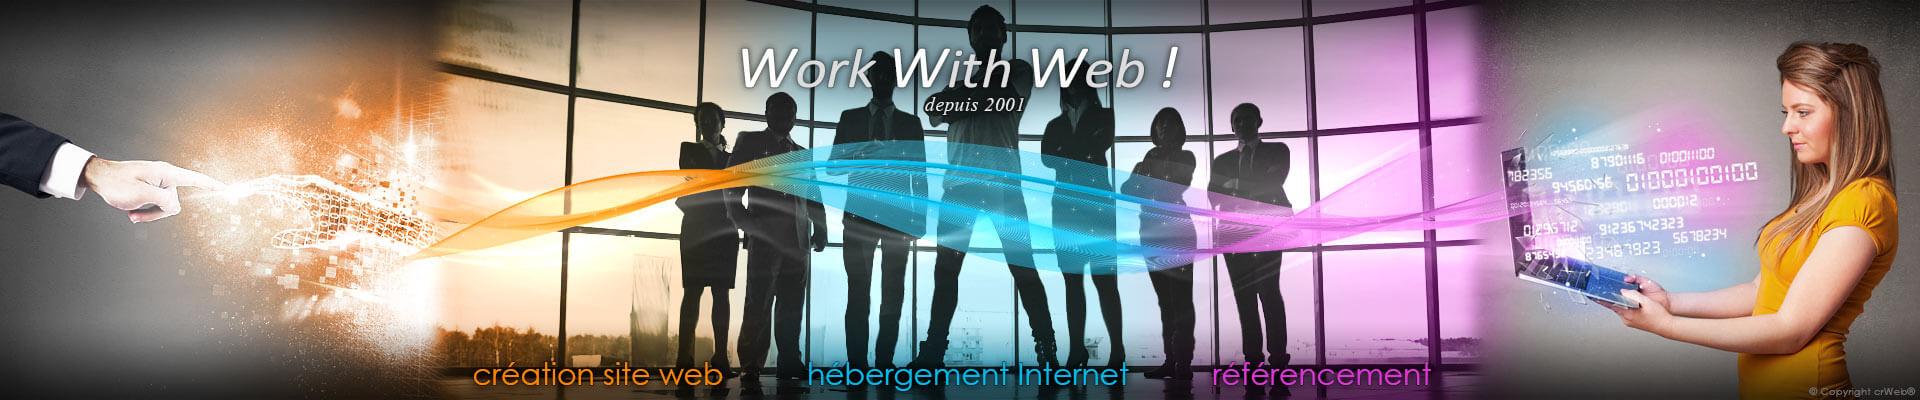 Conception site web, Hébergement Internet et Référencement professionnel depuis 2001.